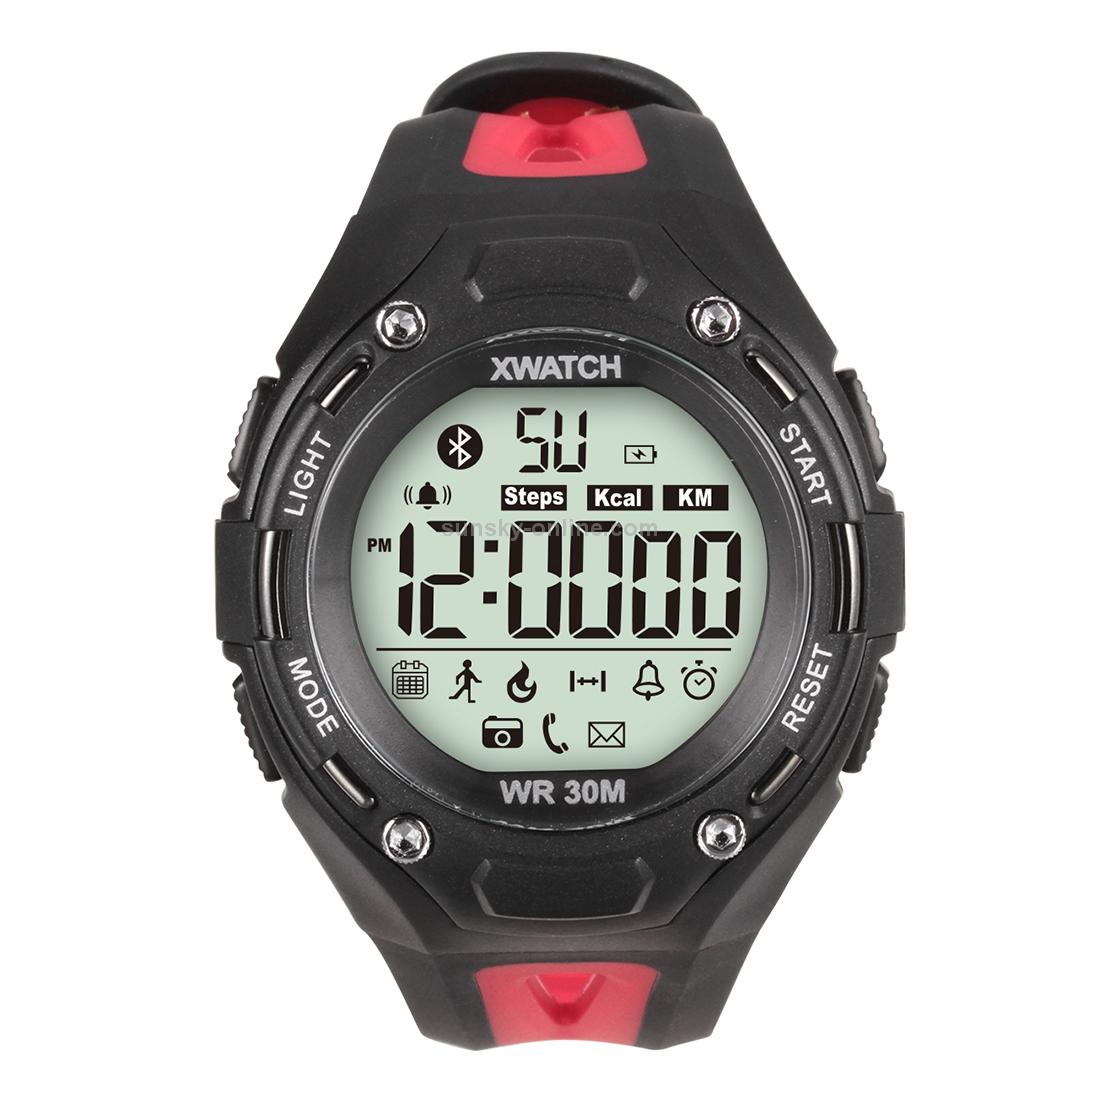 Часы Для Бега Купить Часы Для Бега недорого из Китая на